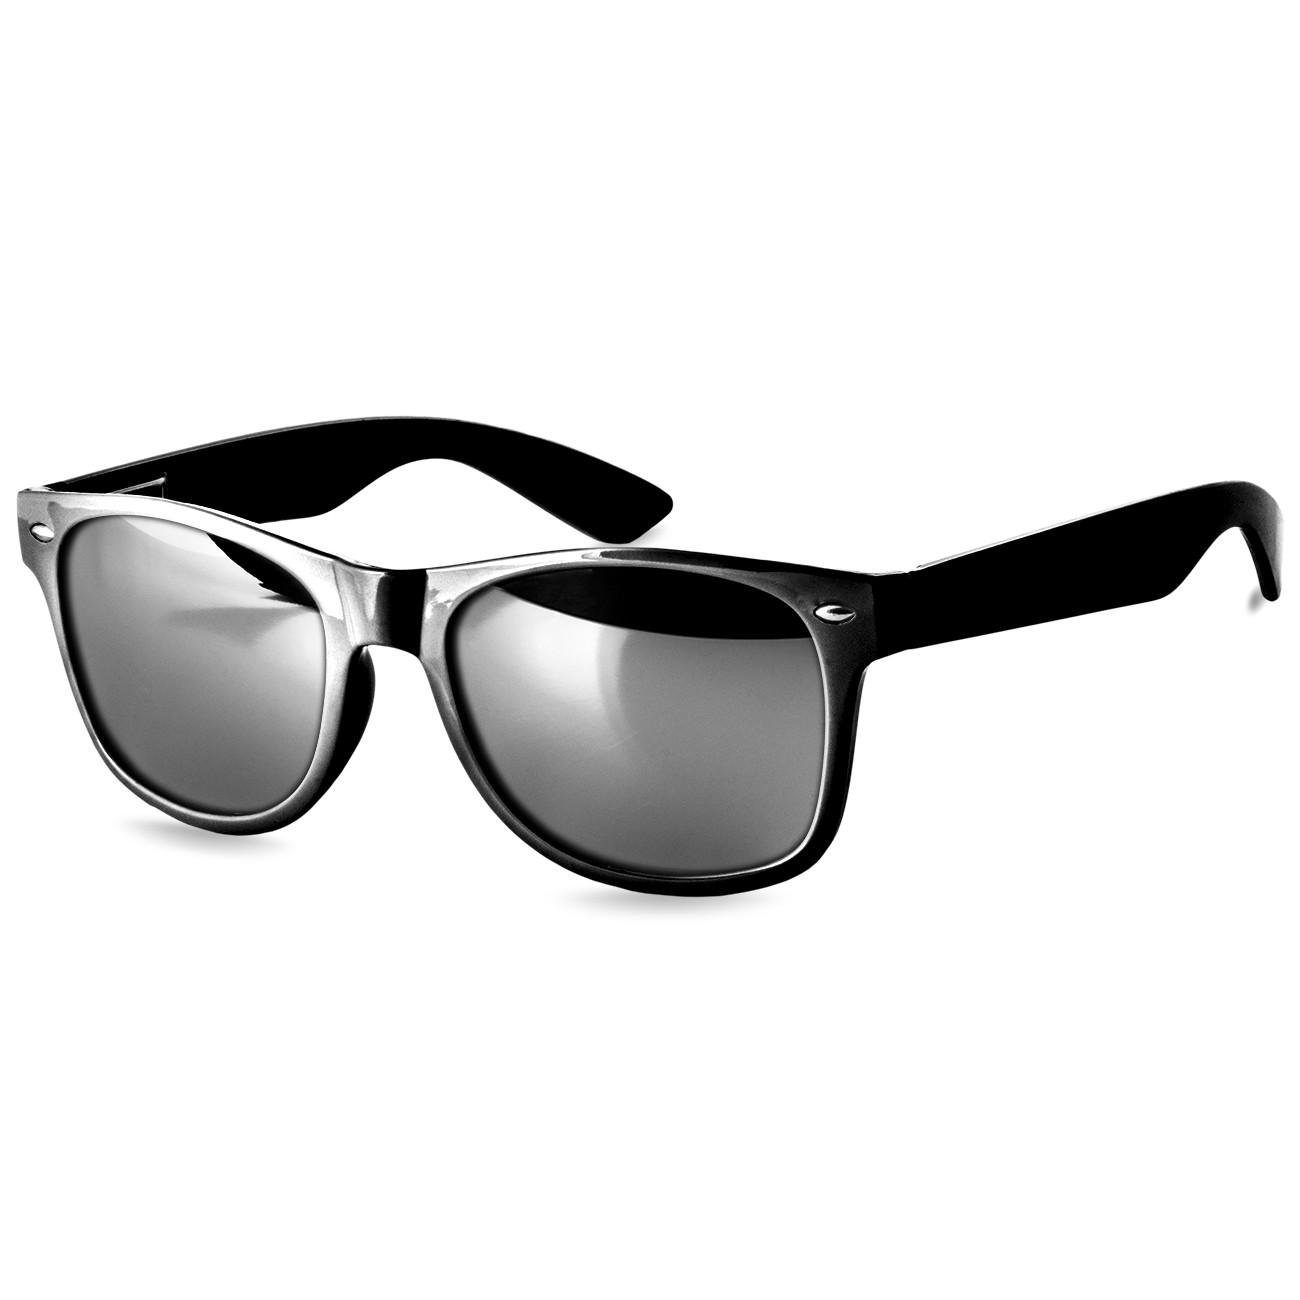 Hong Die Sonnenbrille, die Stylische Sonnenbrille, B